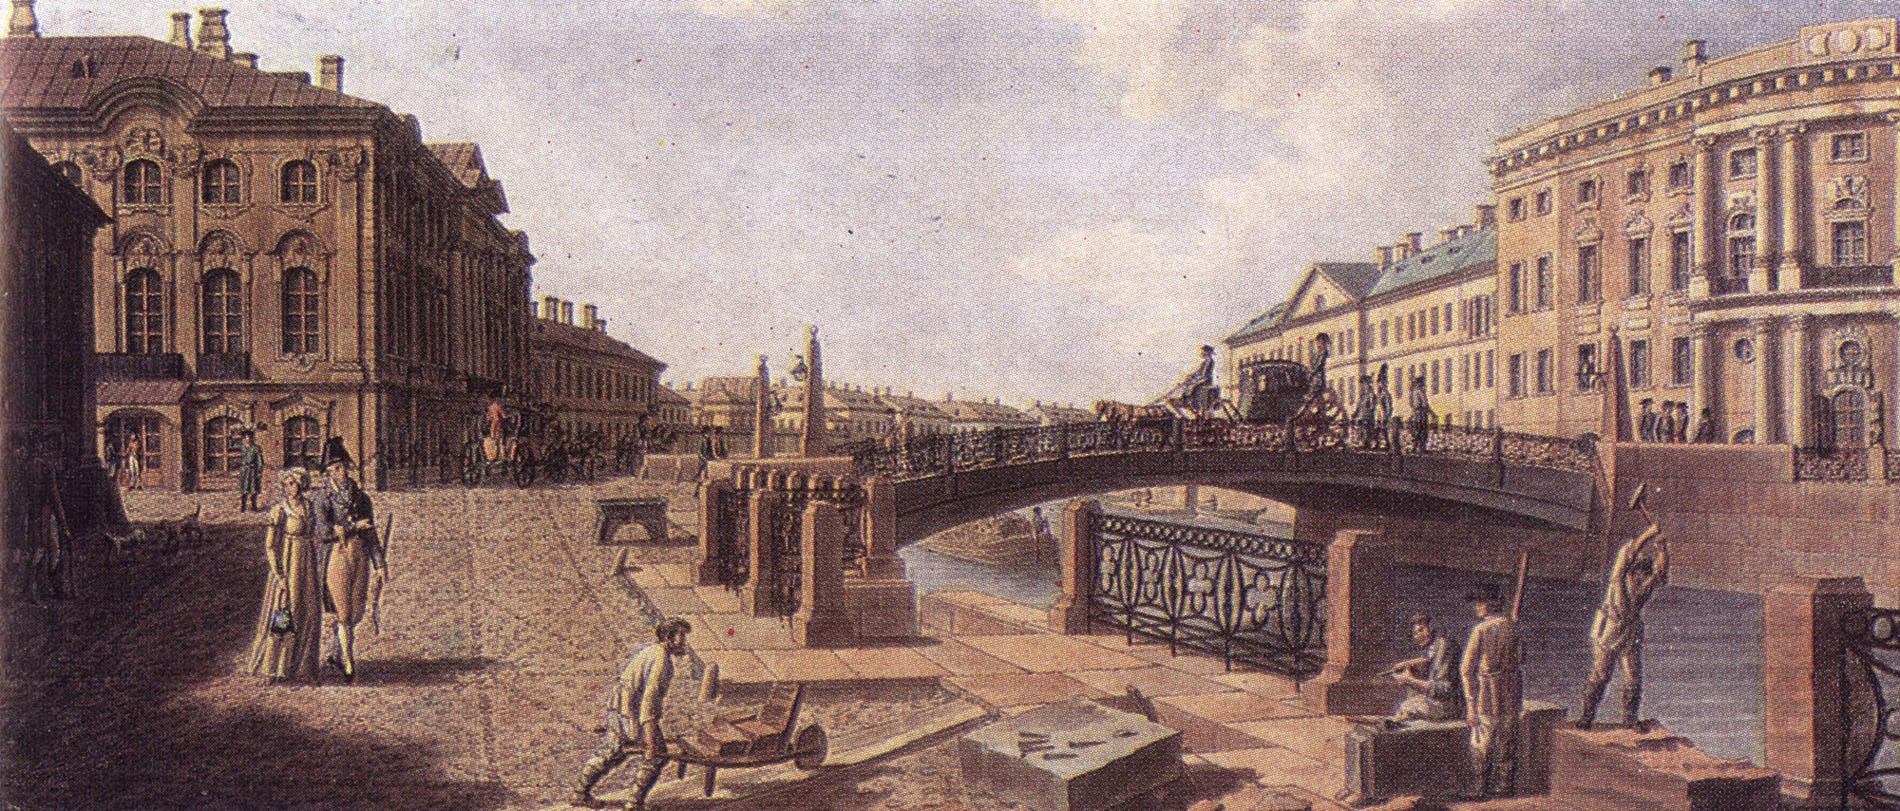 Б. Патерсен. Полицейский мост через Мойку на Невском проспекте. Начало XIX века.